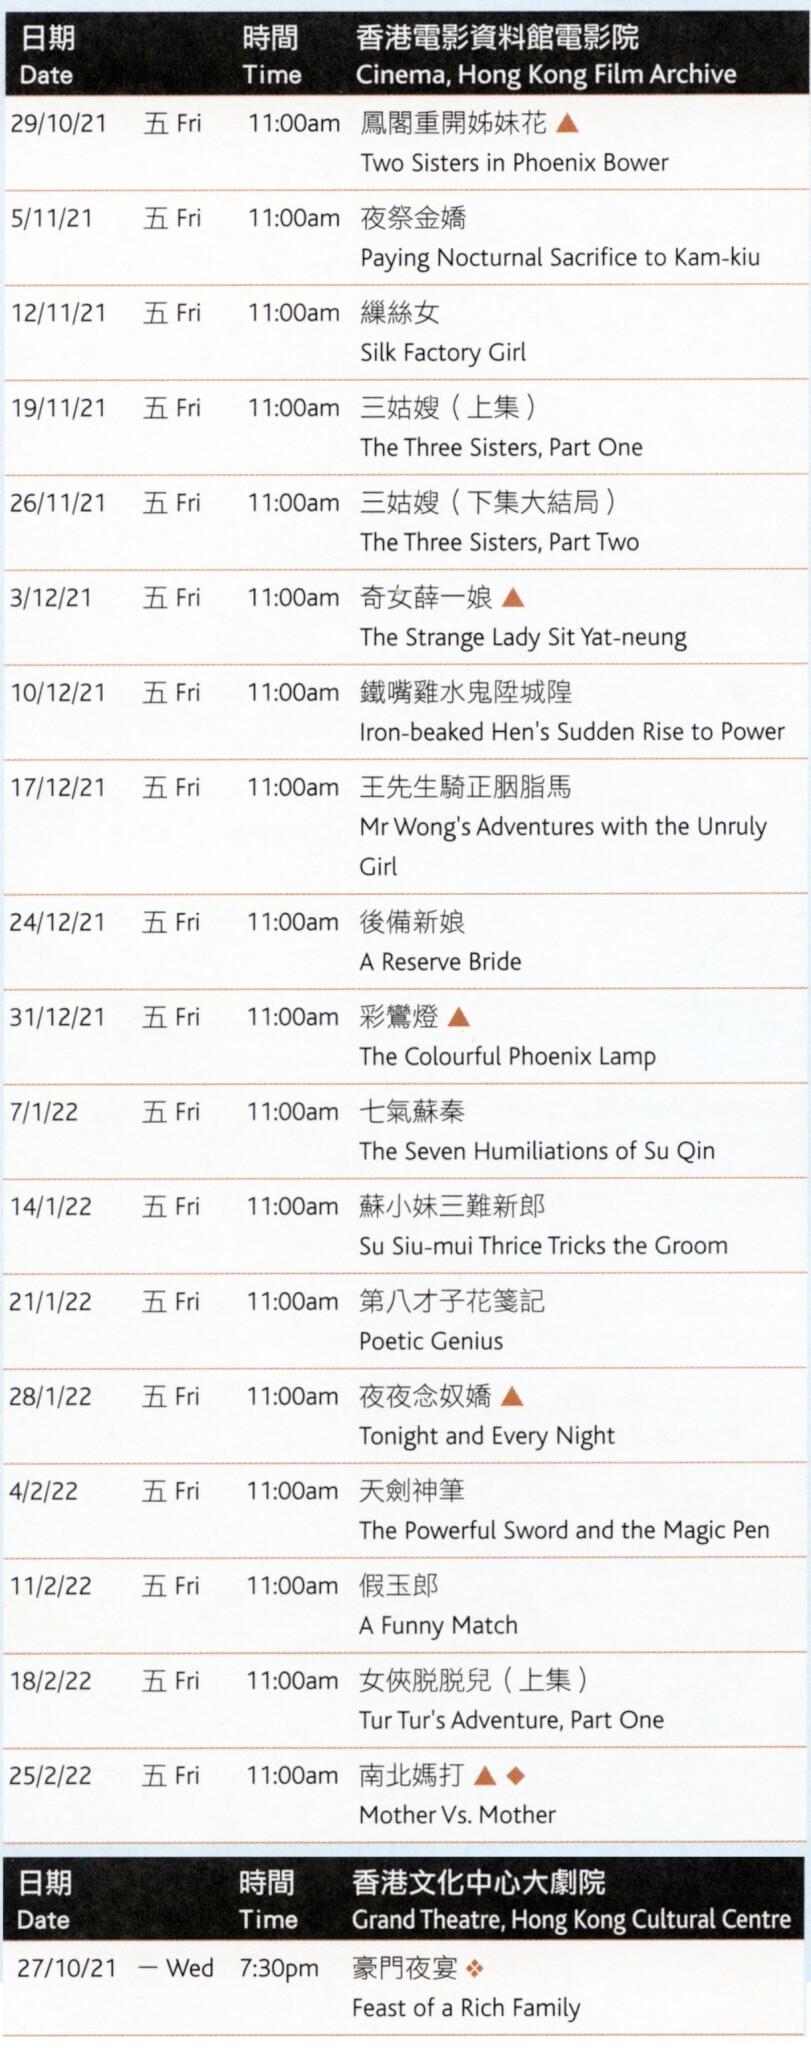 鄧碧雲的18部作品分別於電影資料館電影院及香港文化中心大劇院放映,以上是放映日期與時間,票價劃一為30元。